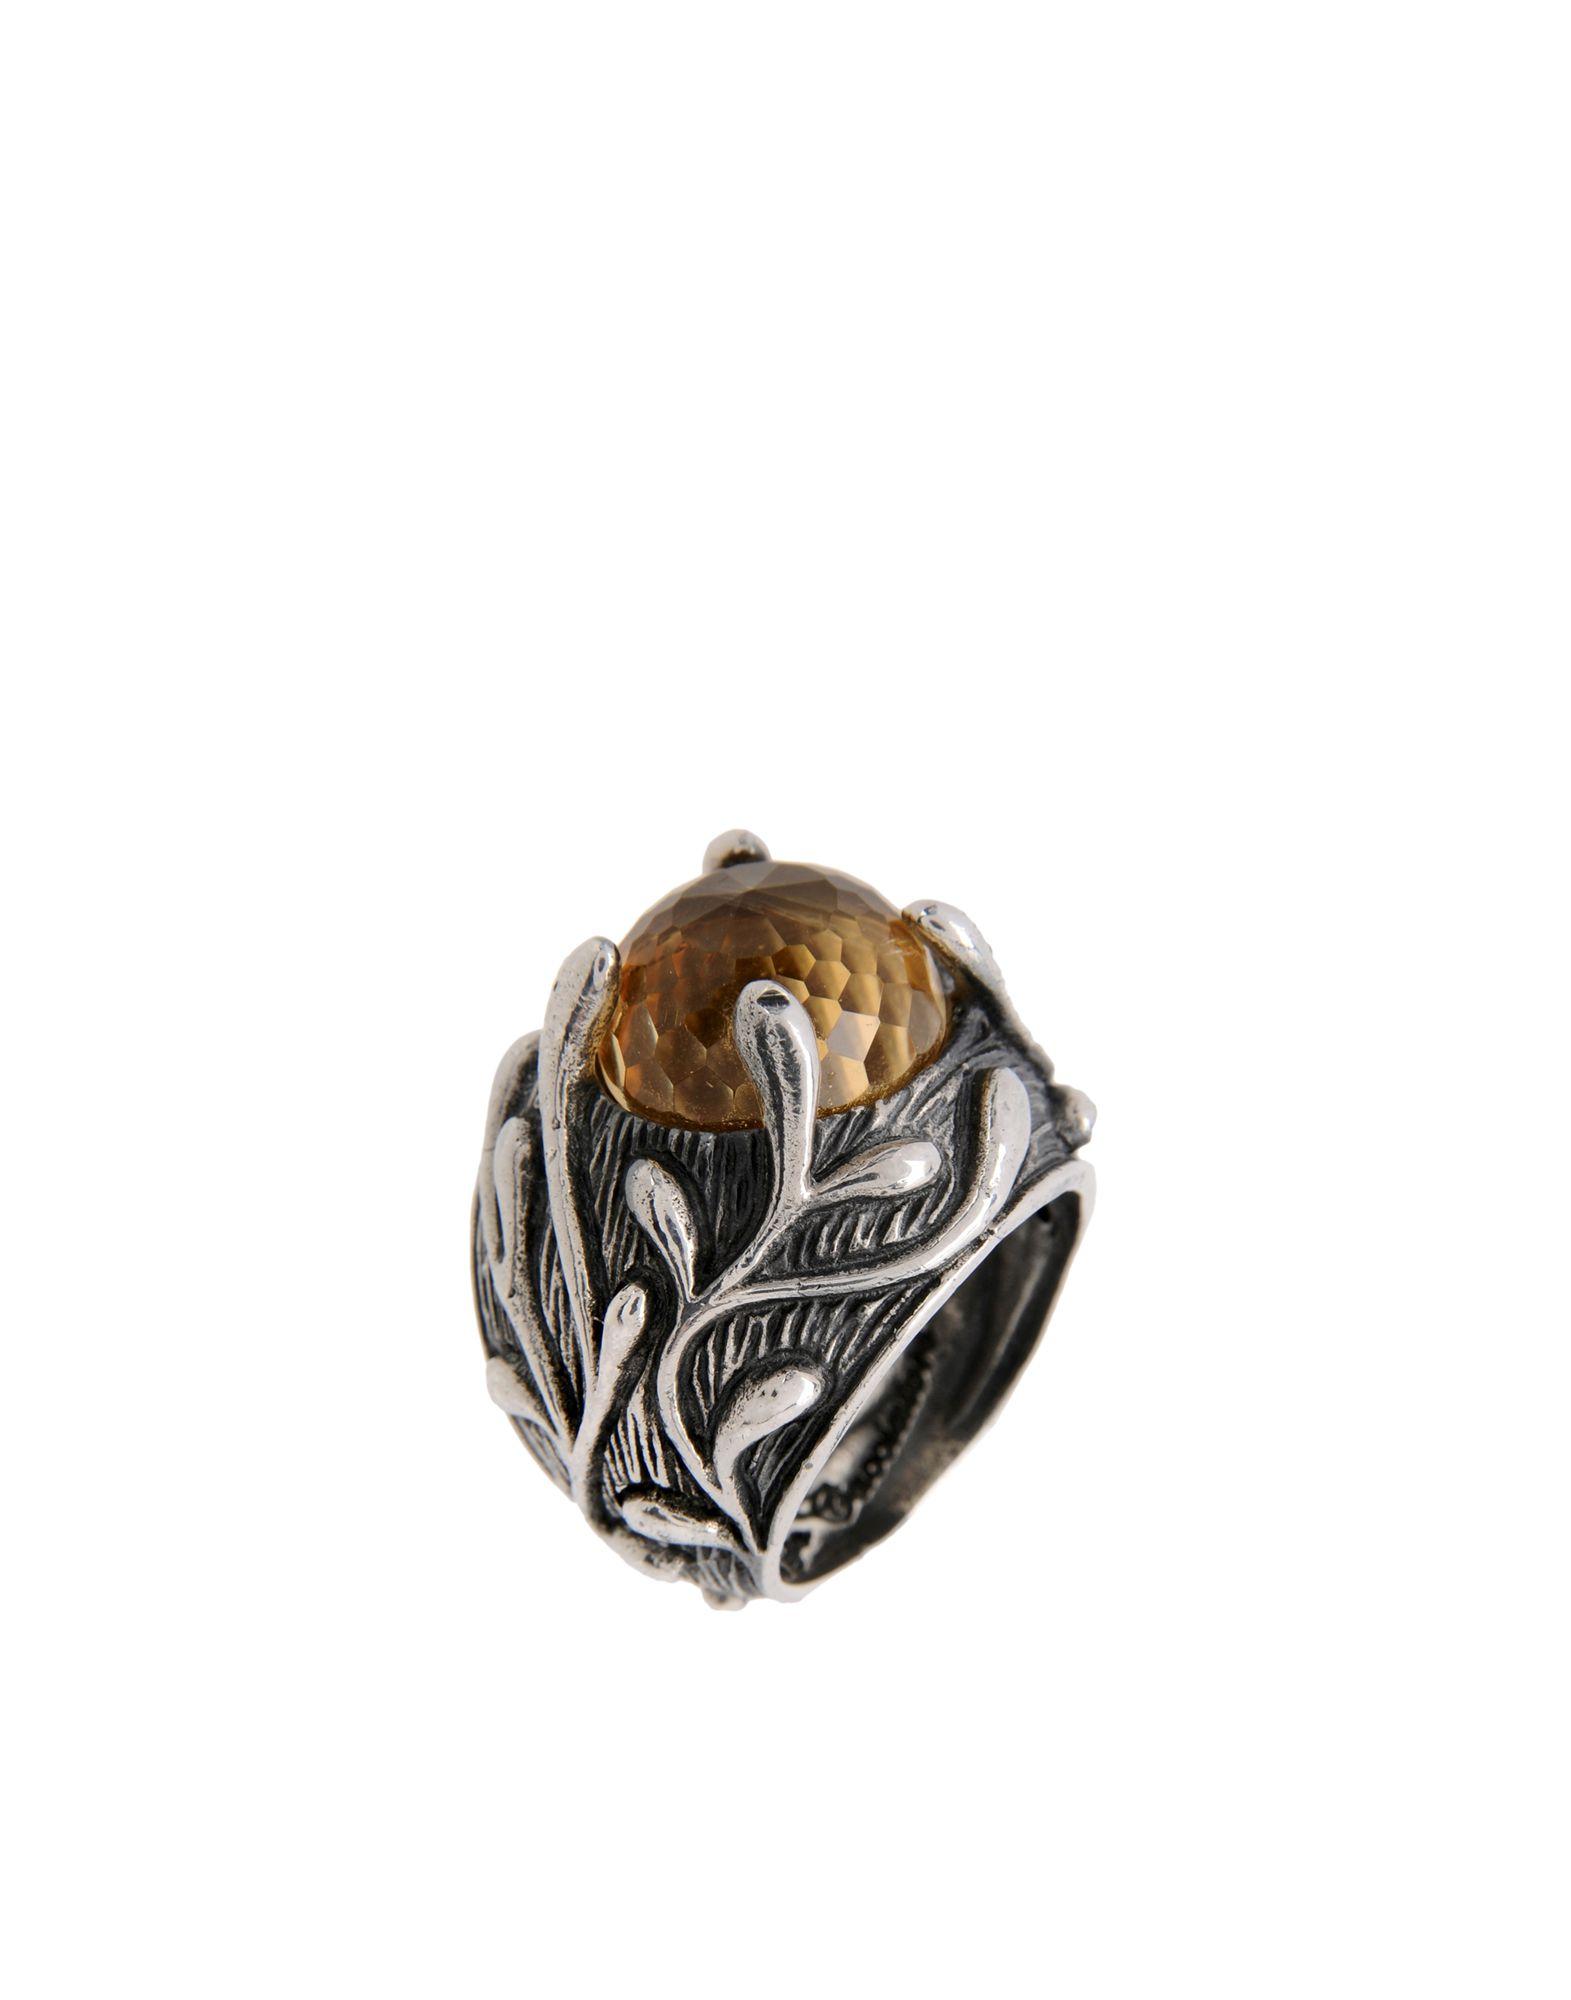 《期間限定 セール開催中》FIRST PEOPLE FIRST メンズ 指輪 シルバー M 金属繊維 BRANCH OF LEAVES GEM RING